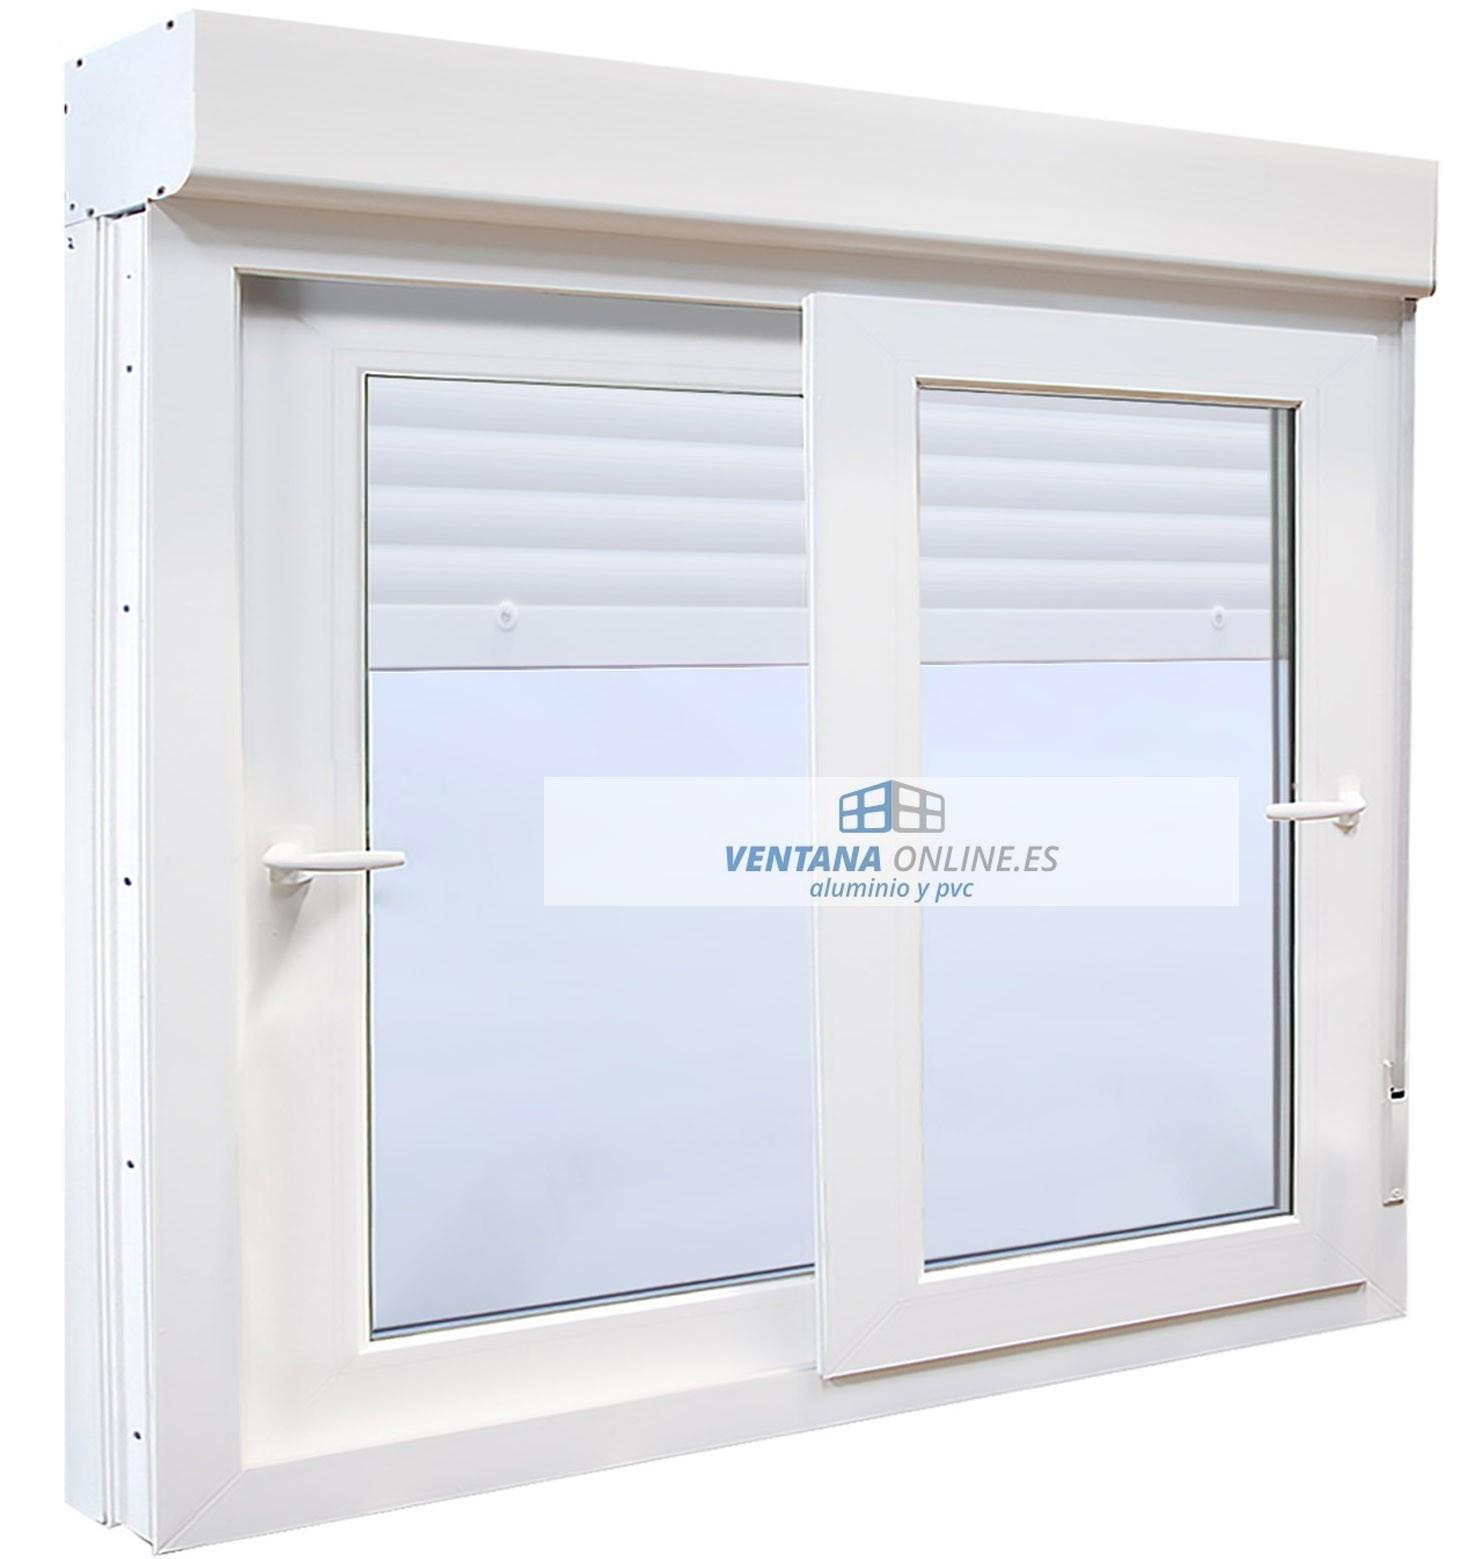 ventanas pvc precios online best melhores ideias de